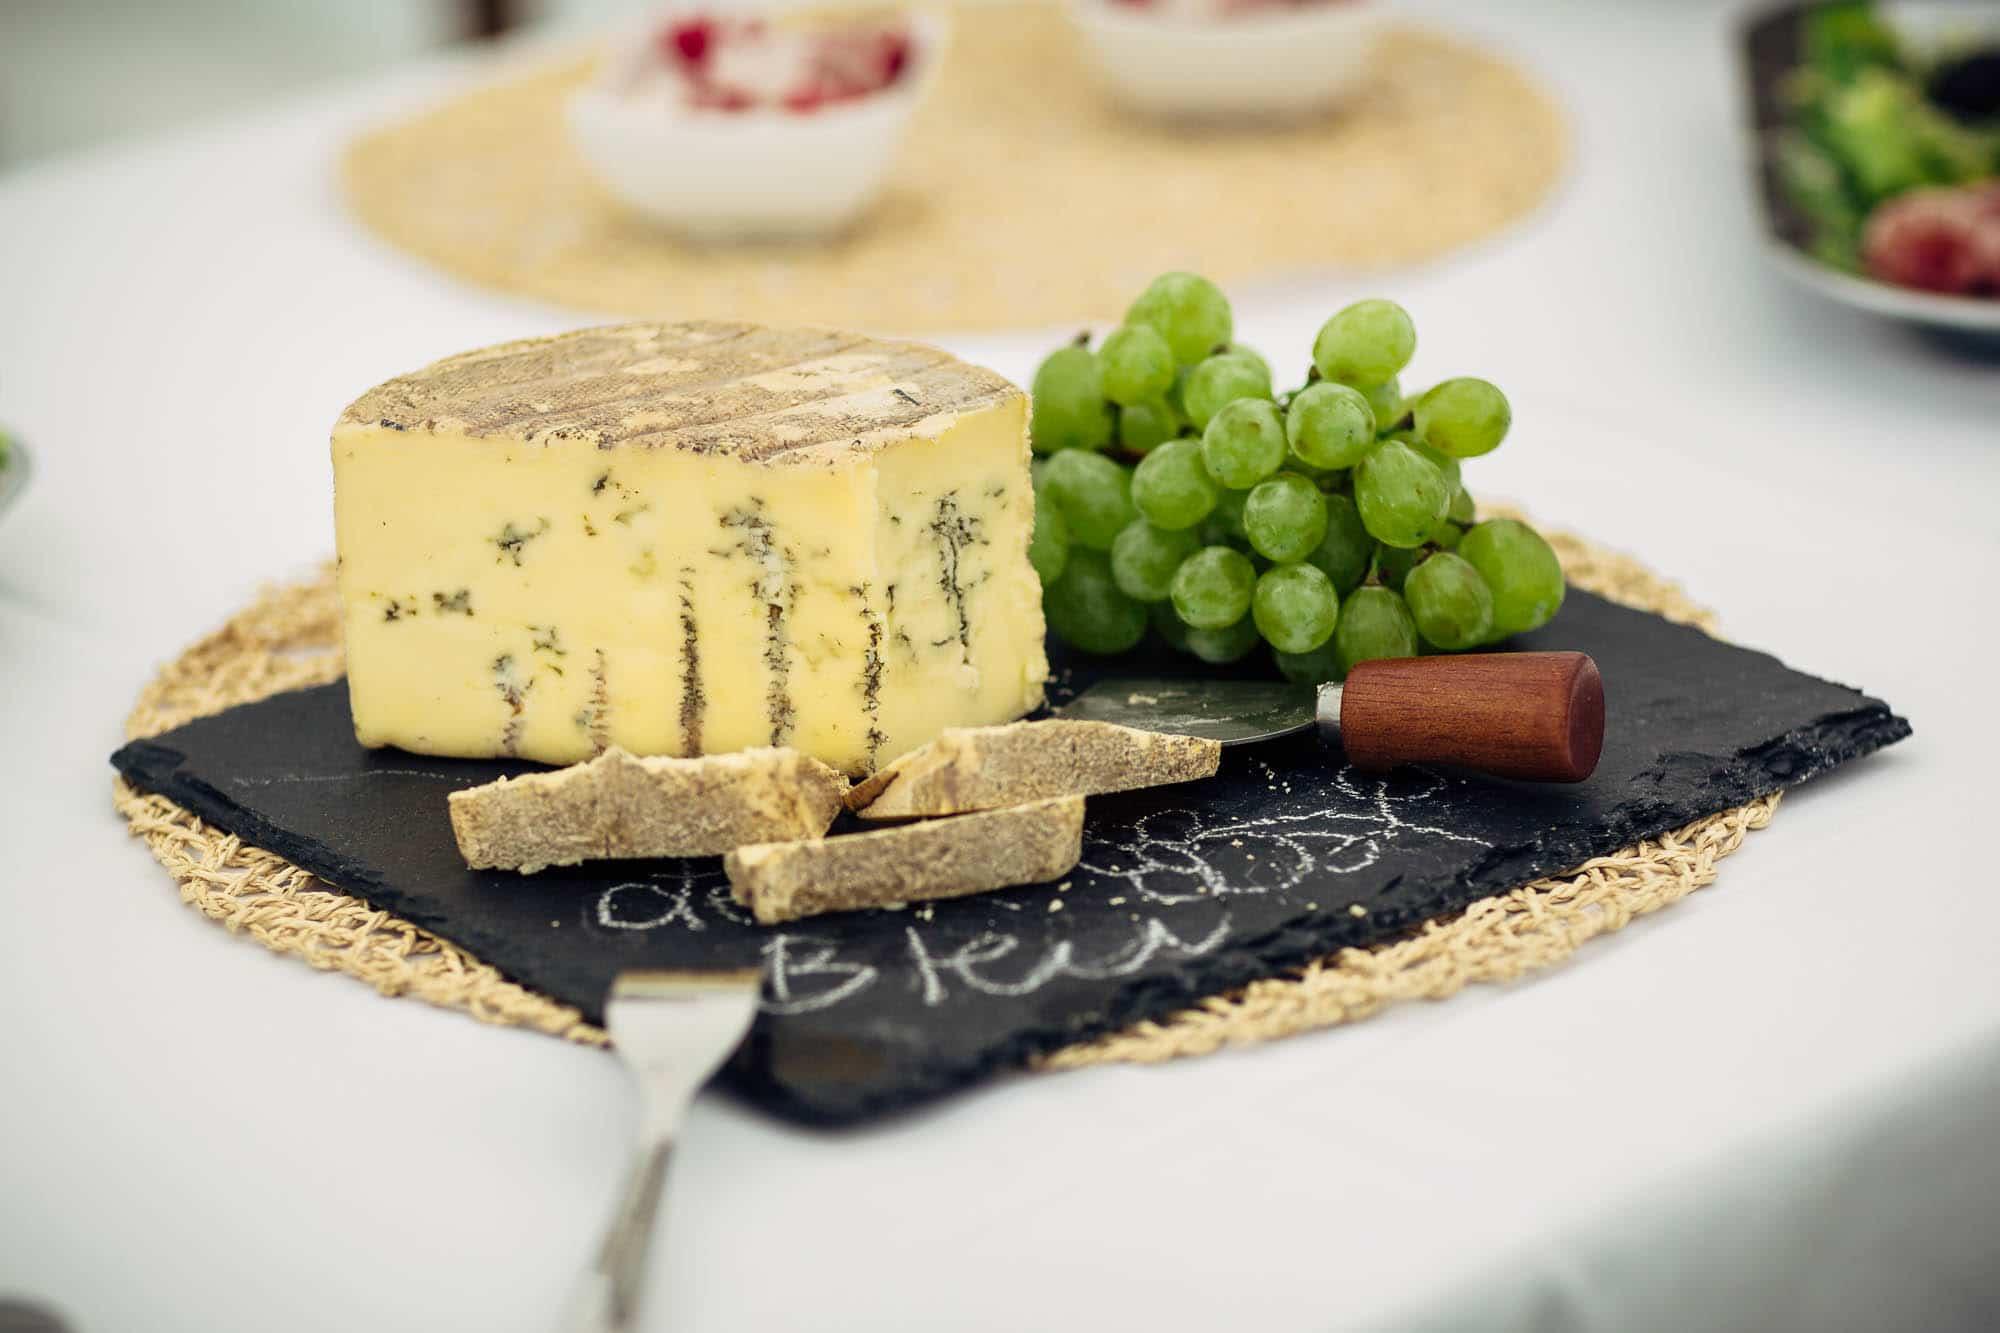 Als Apéro gibts es speziellen Käse